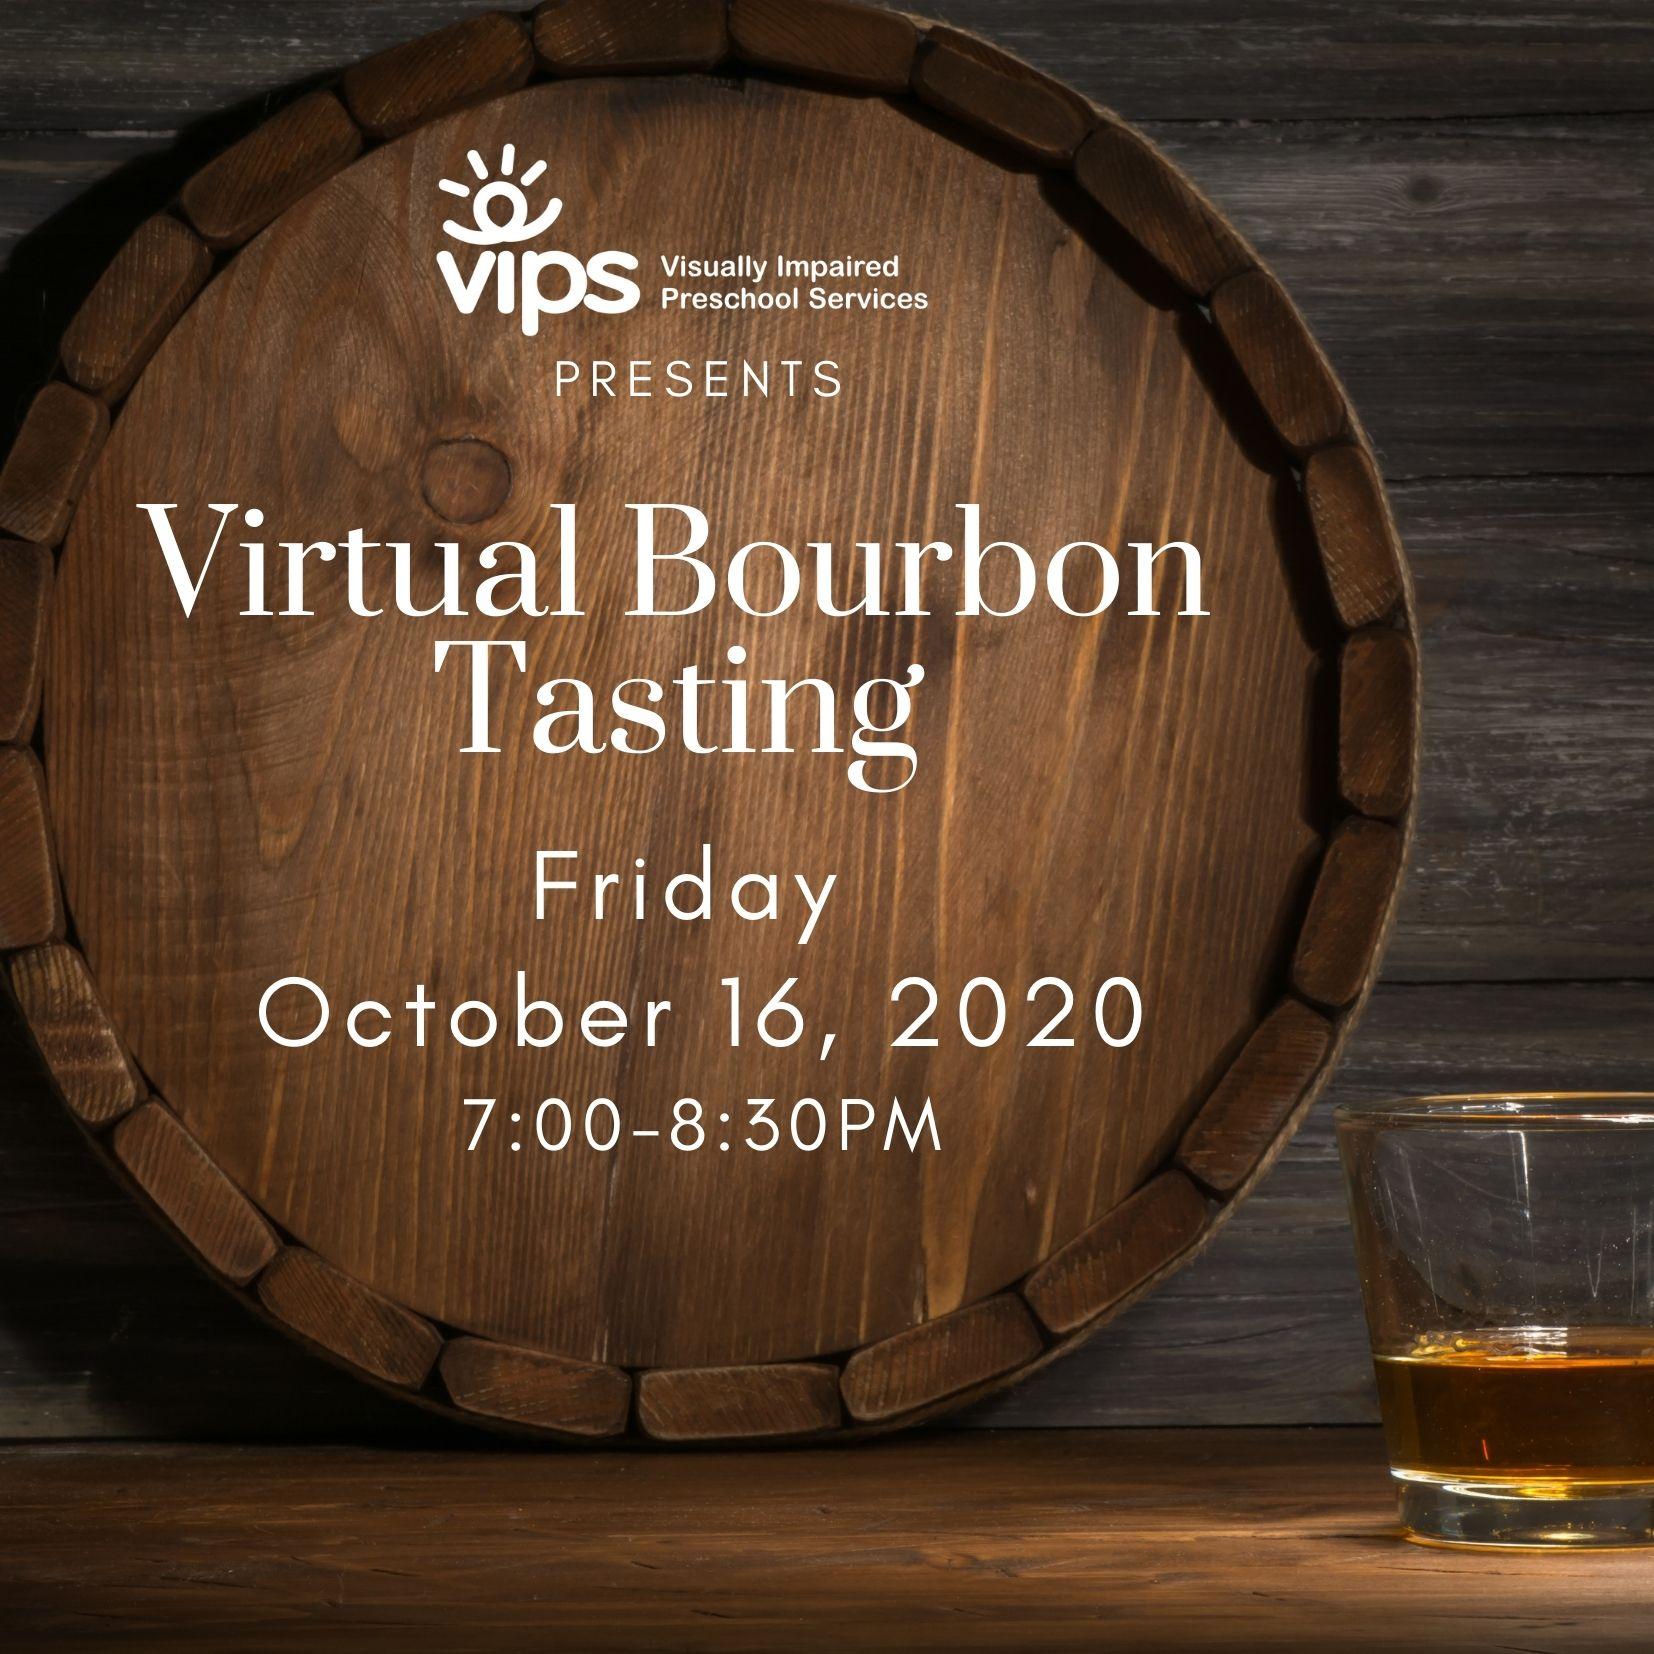 VIPS Virtual Bourbon Tasting Invite (1)